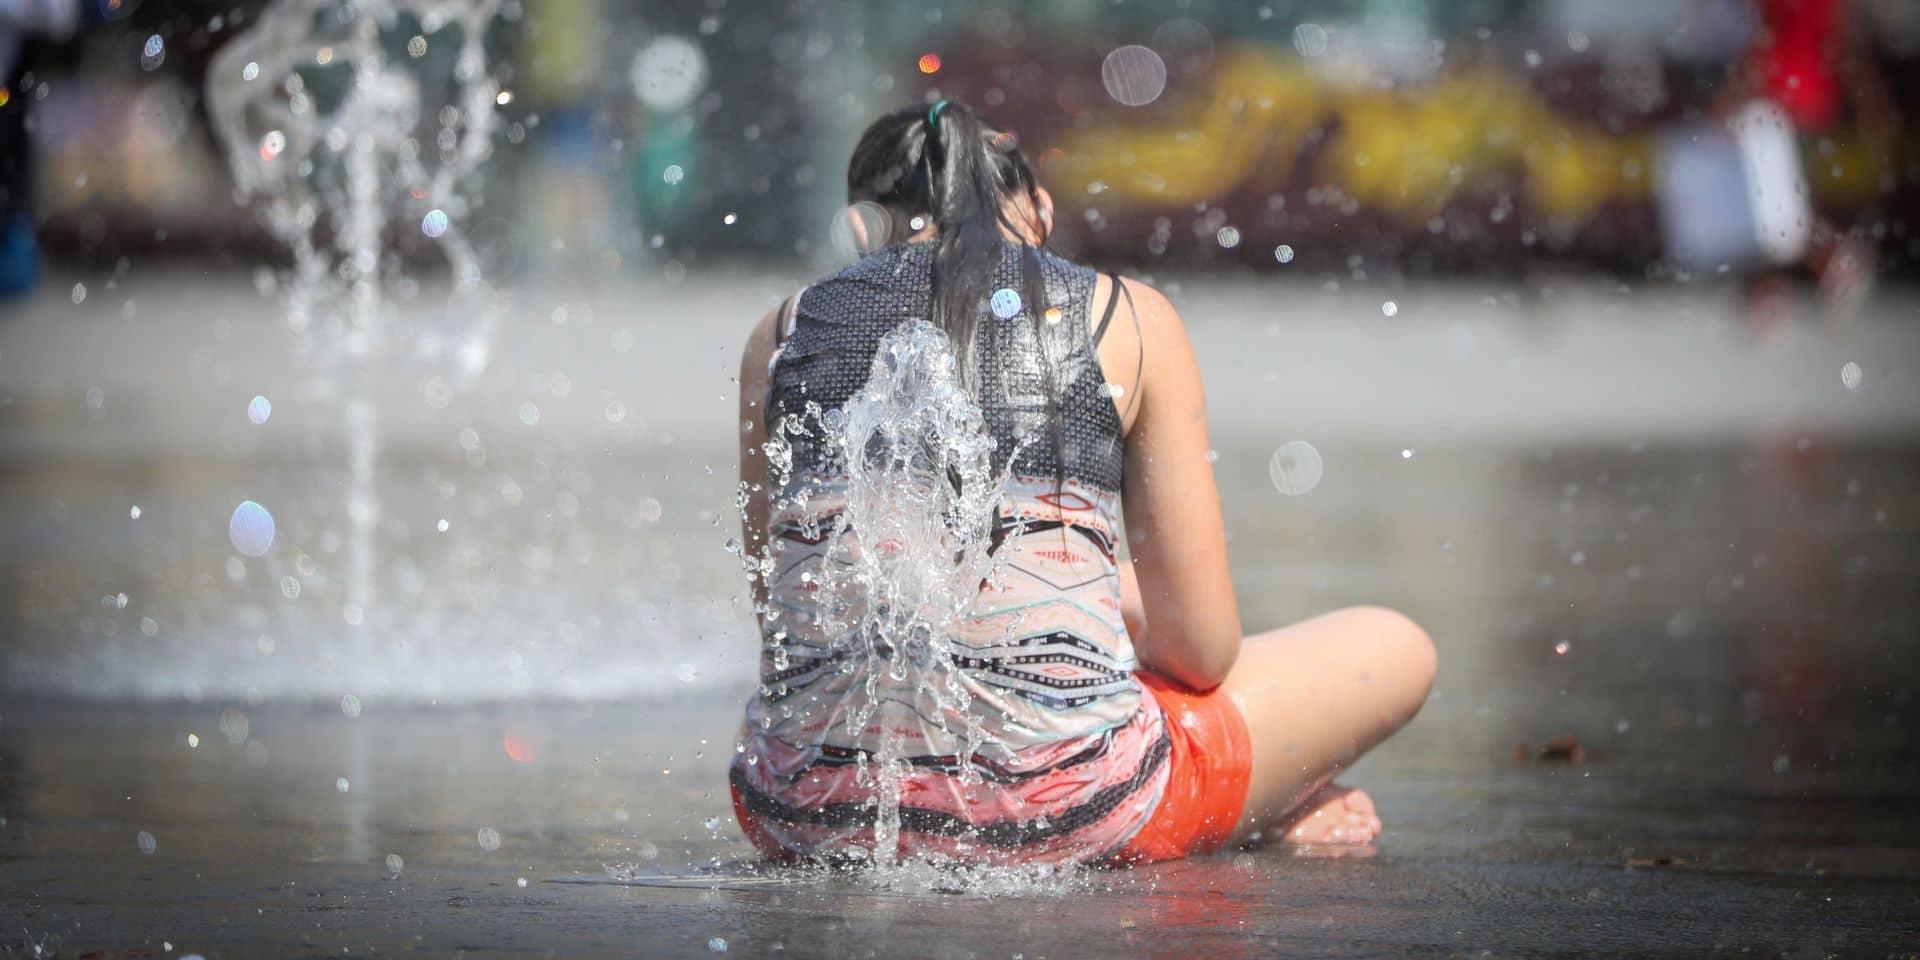 Plus de 30 degrés annoncés en début de semaine: du jamais vu aussi tard dans l'année